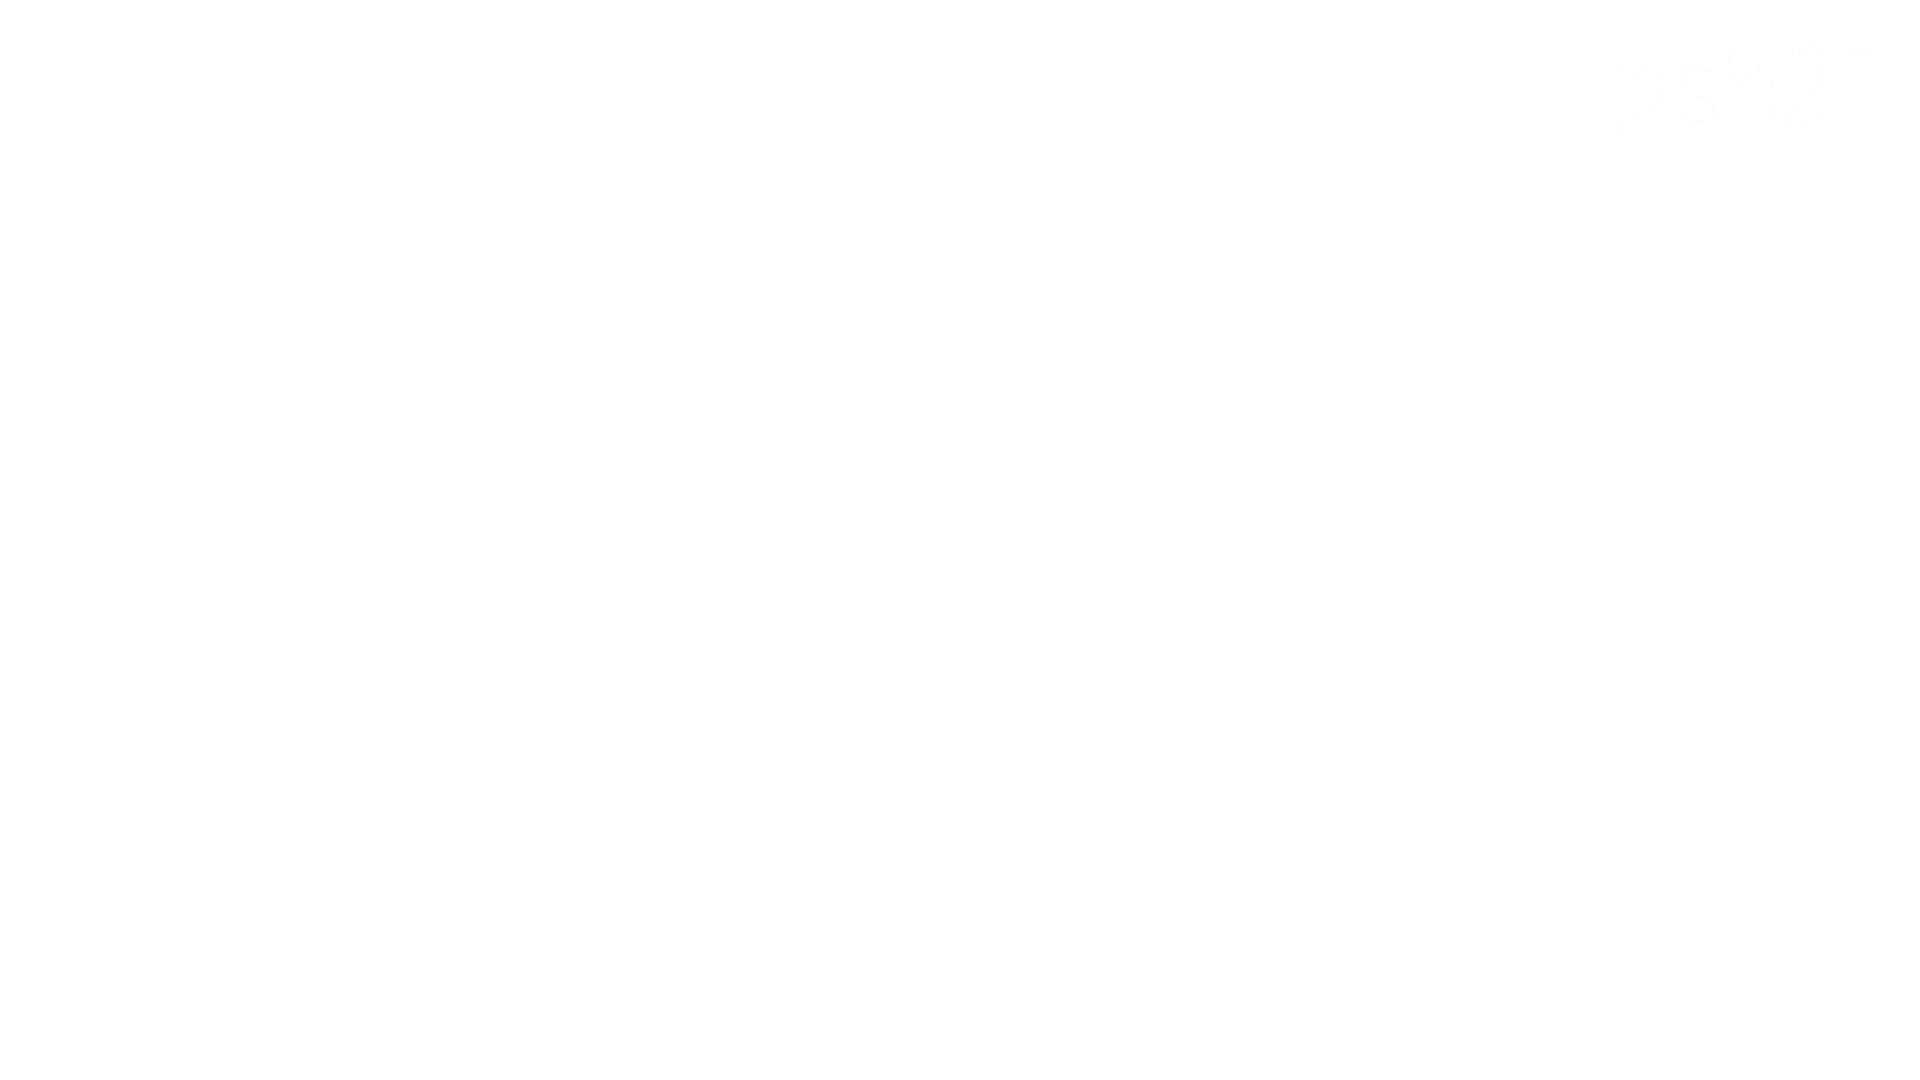 ▲復活限定▲ハイビジョン 盗神伝 Vol.21 OLの実態  103pic 54